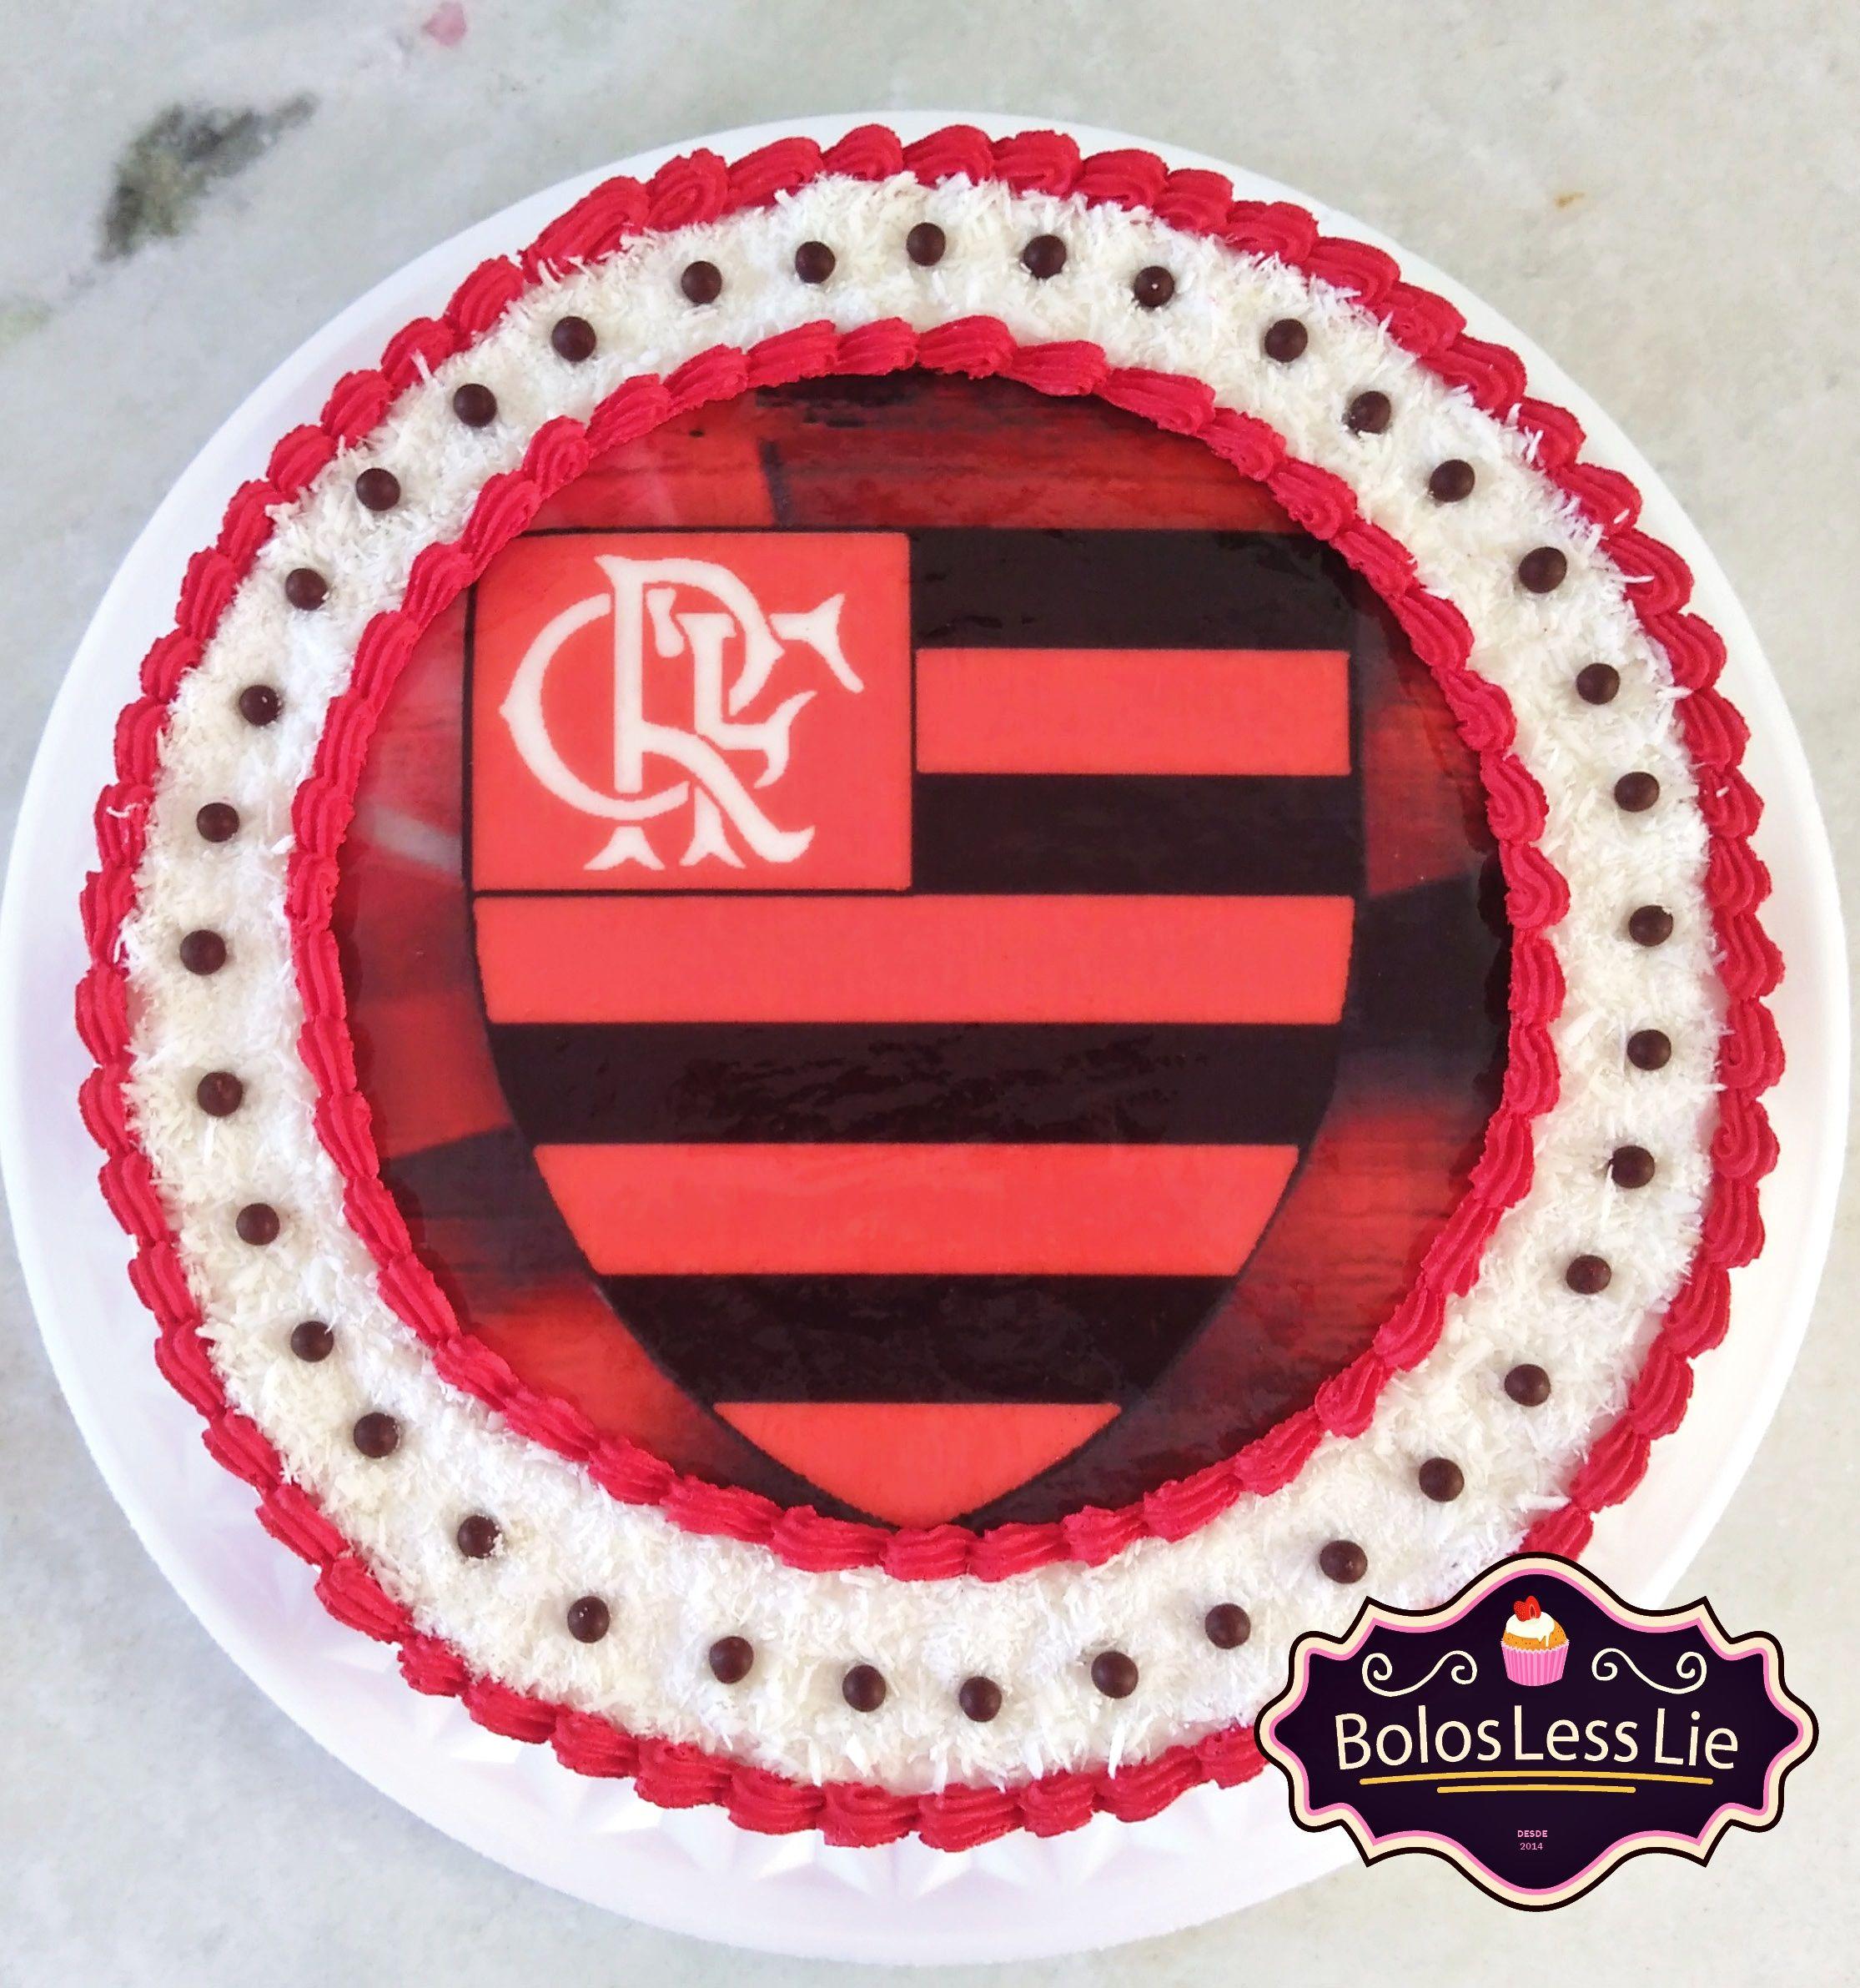 Bolo Do Flamengo Chantilly Bolo Bolo De Chantilly Chantilly